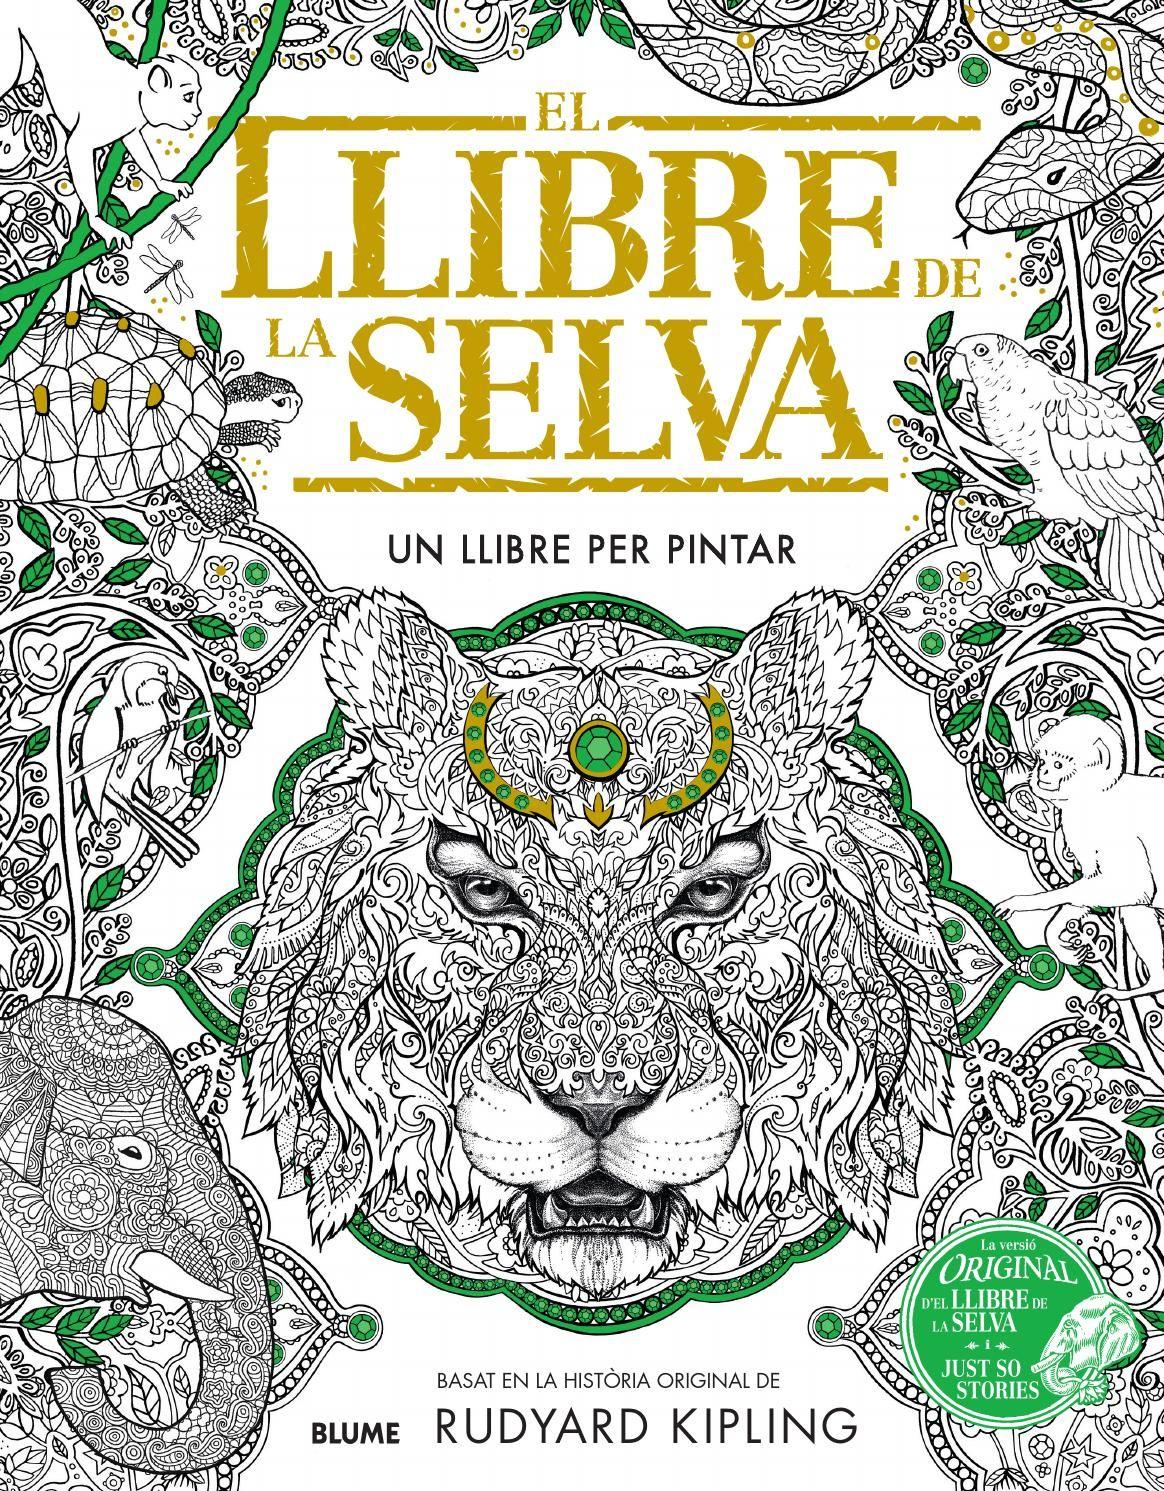 El Llibre De La Selva Jungle Book Coloring Books Animal Coloring Books